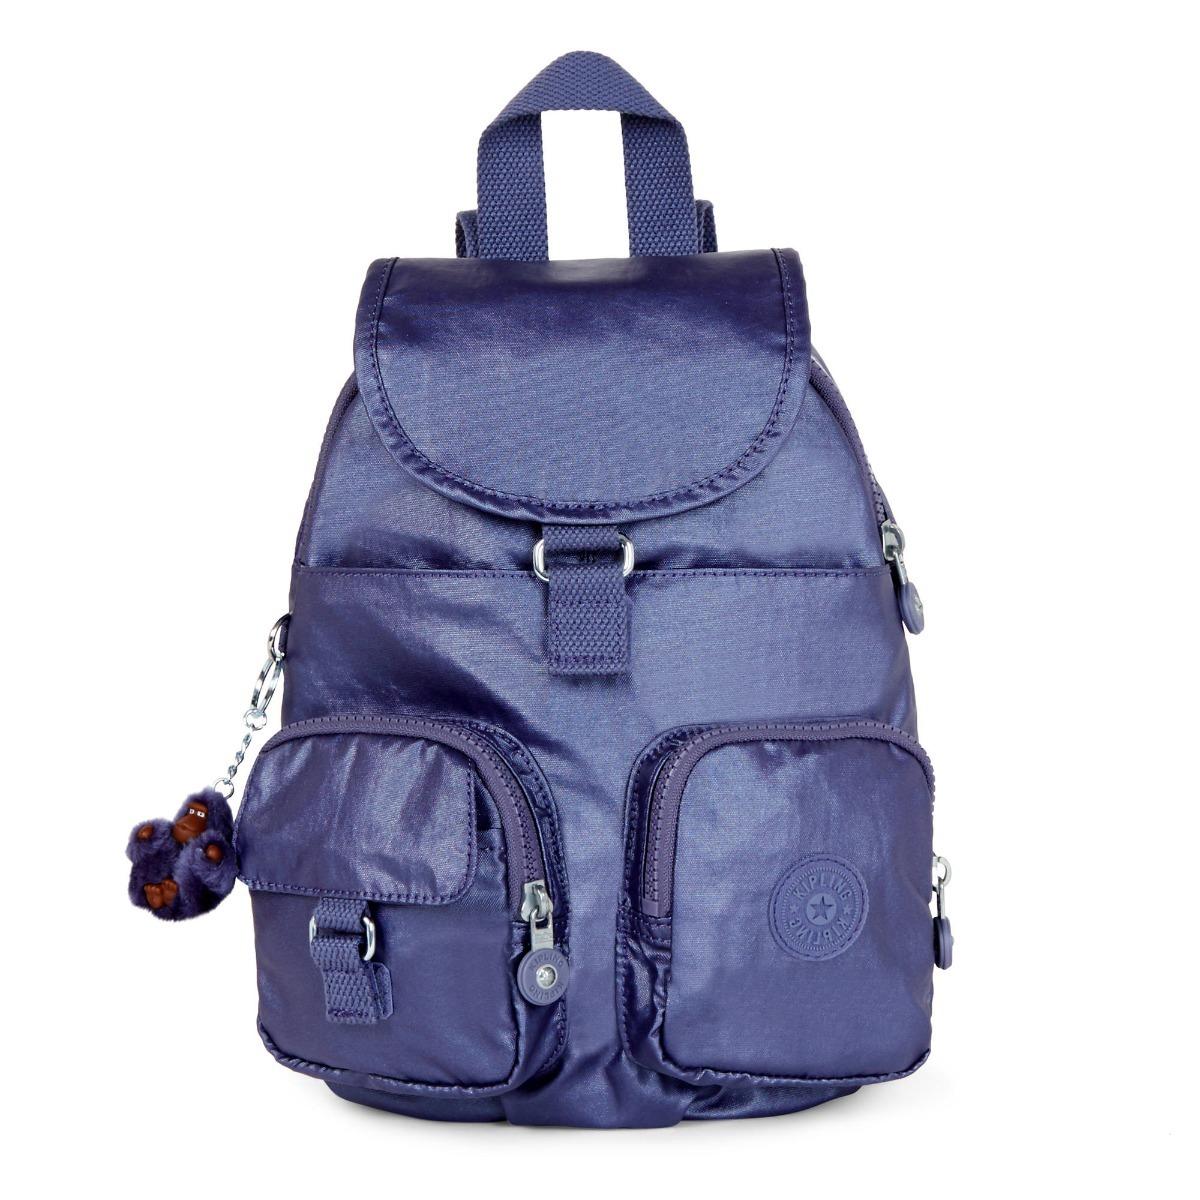 c74a4c952 Mochila Kipling Azul Metalica Original - R$ 350,00 em Mercado Livre